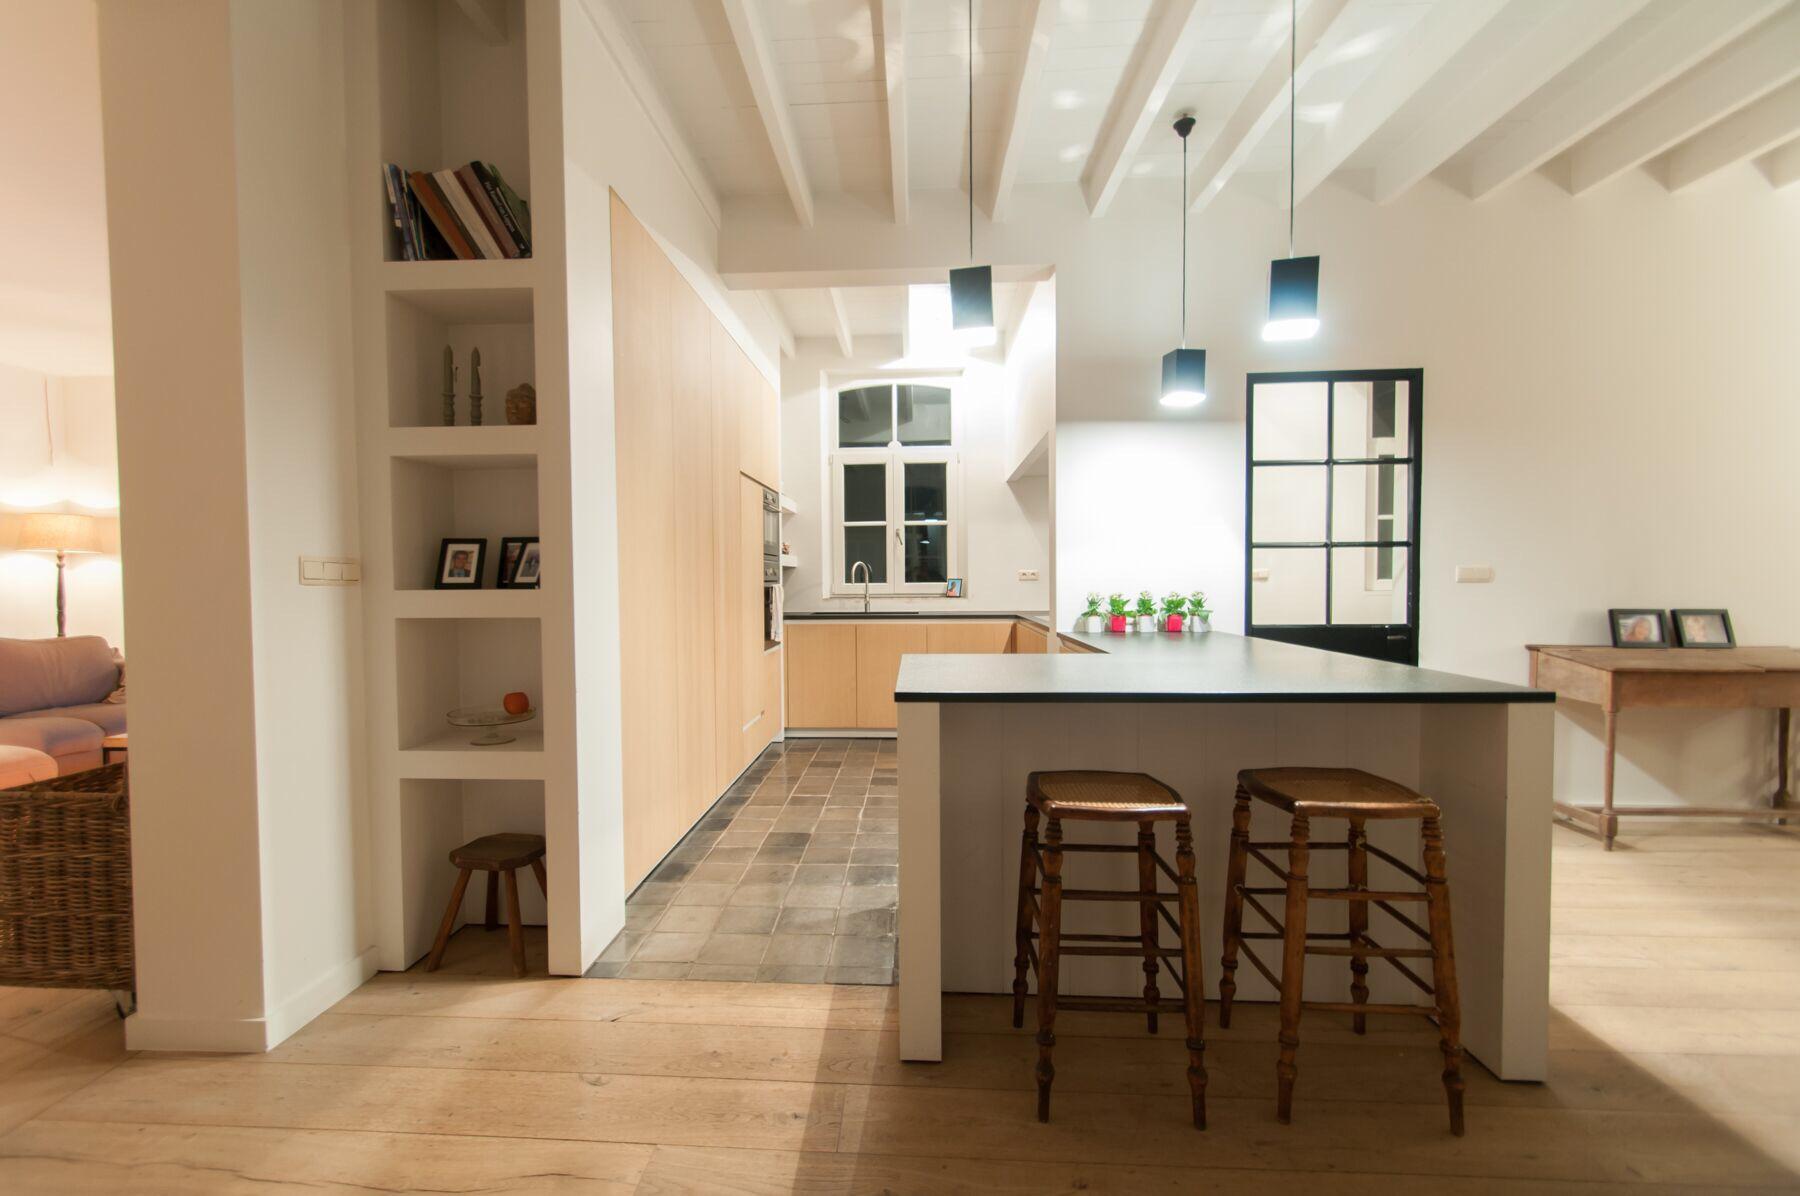 Schilderen keuken te dudzele schaeverbeke kalei en schilderwerken brugge - Trend schilderen keuken ...